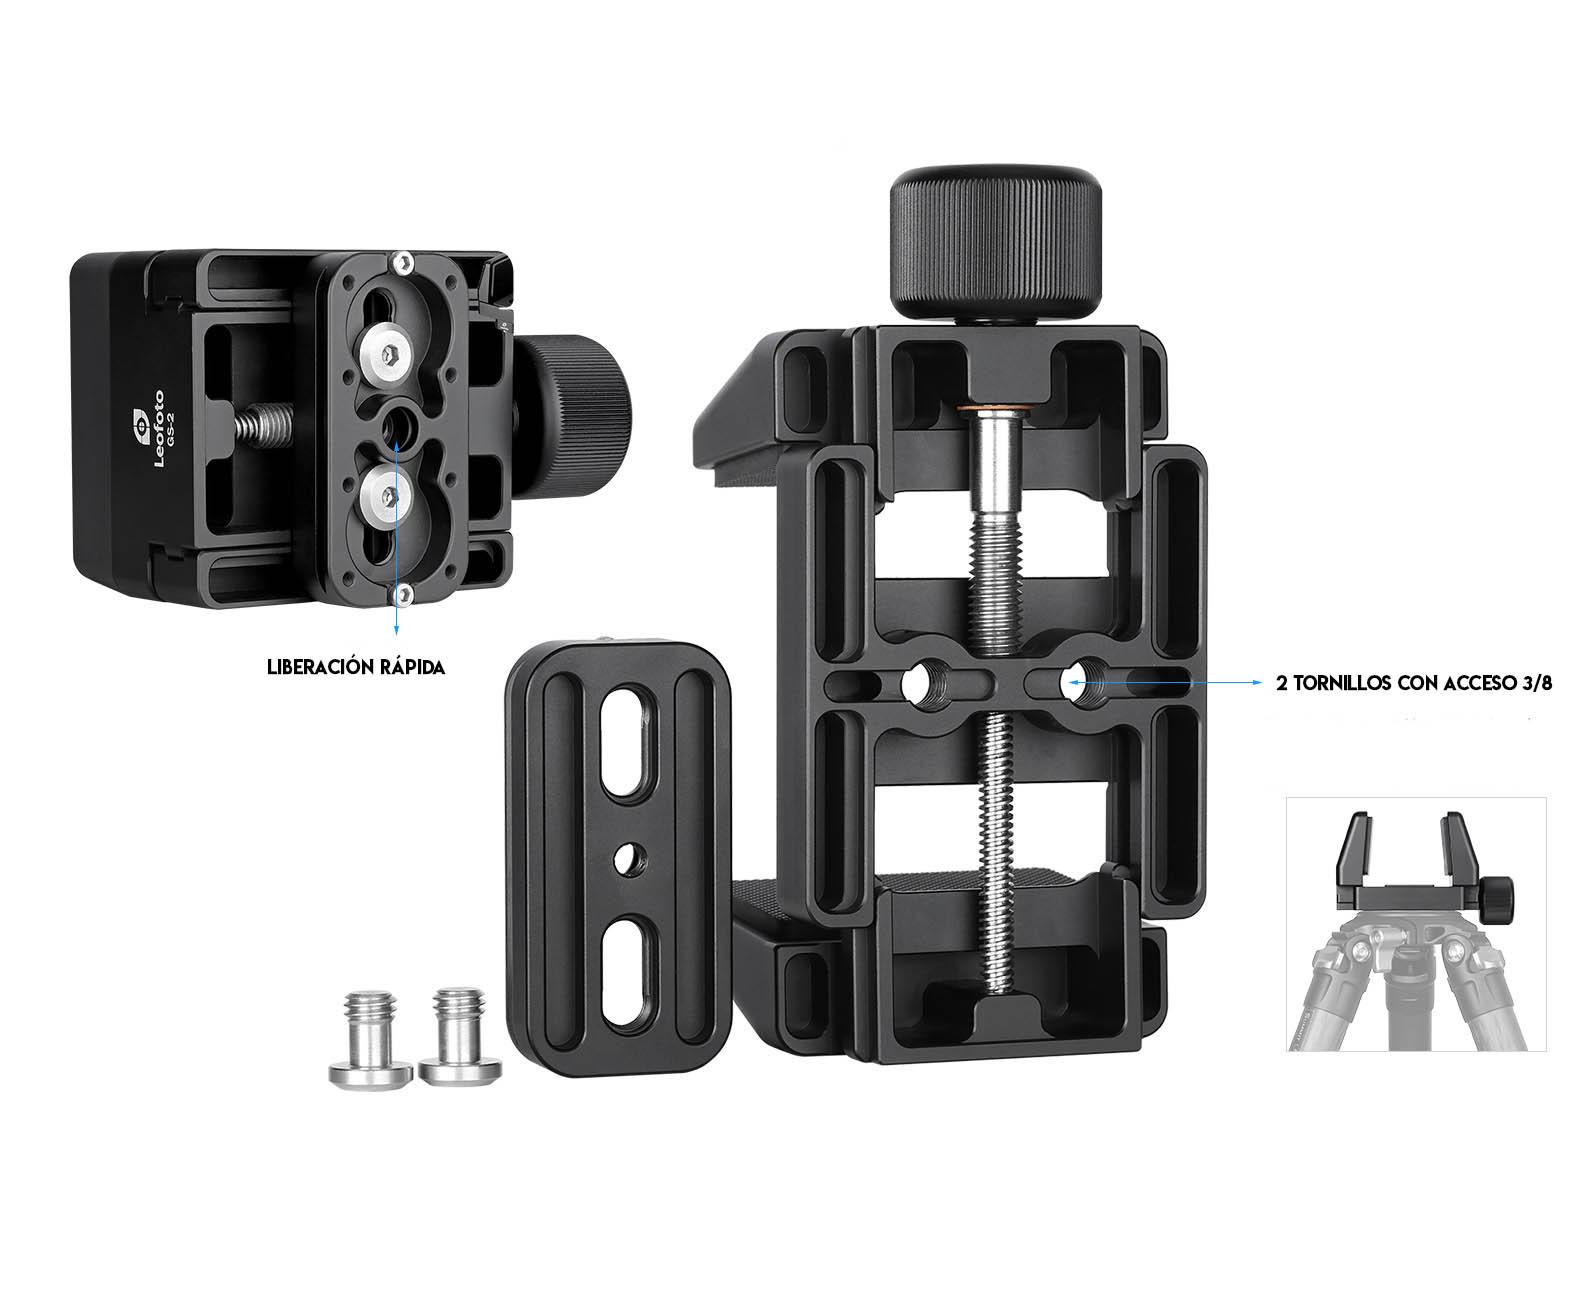 Leofoto GS-2 soporte con pinza para estabilizar terlescopios terrestres y rifles